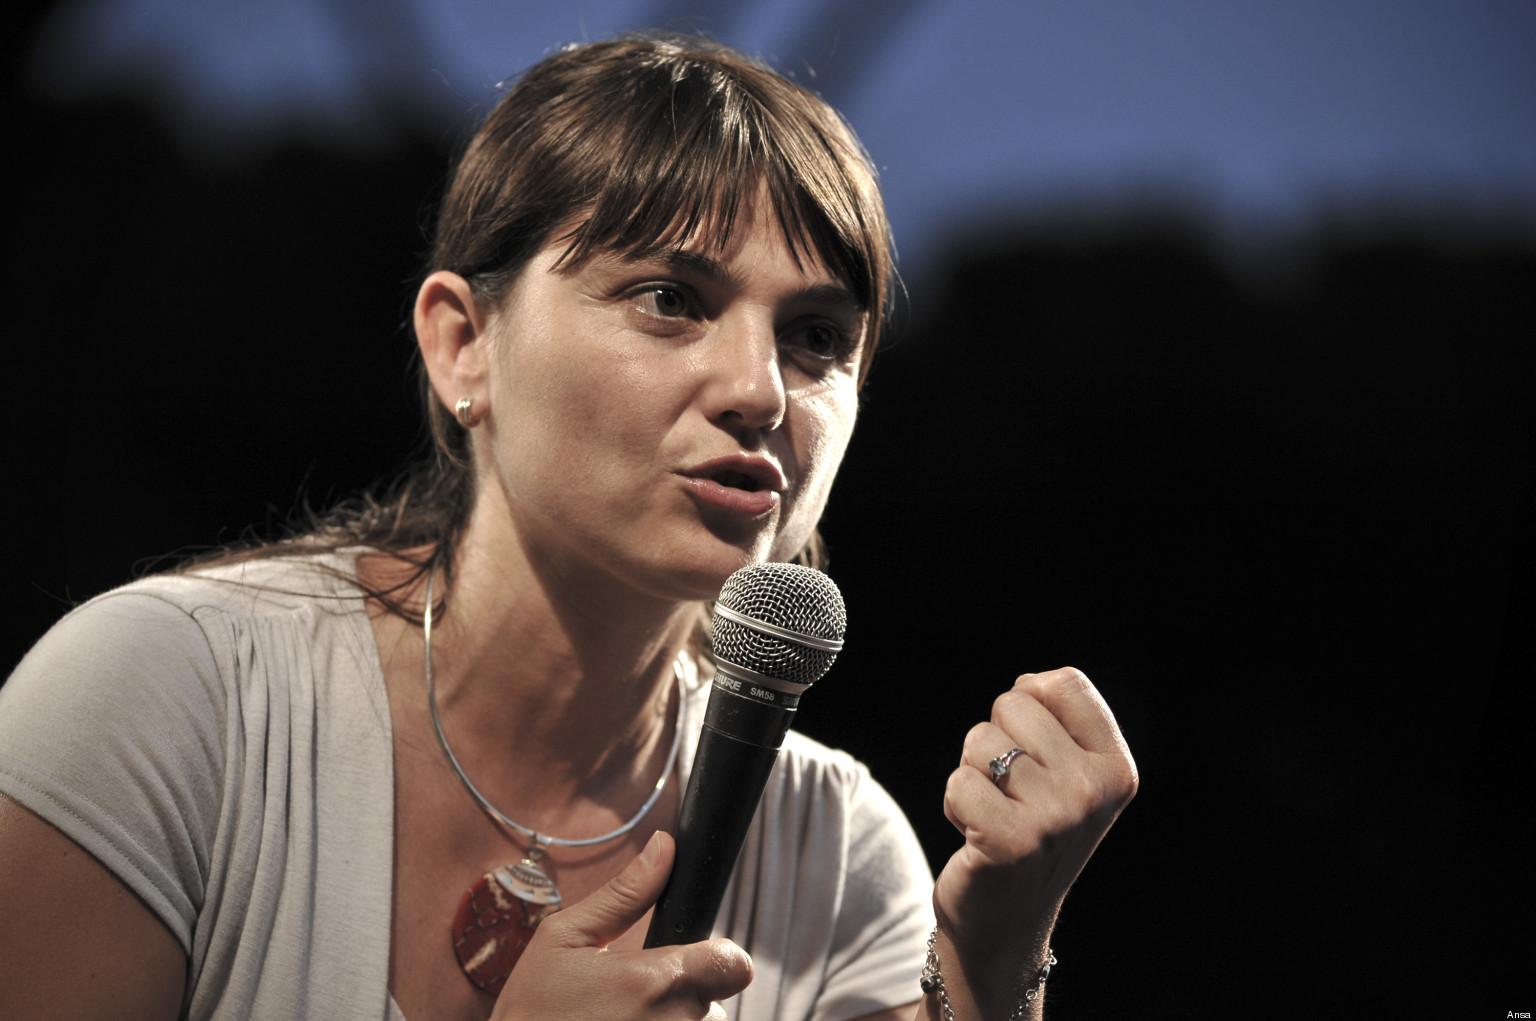 Debora Serracchiani criticata per le parole sullo stupro